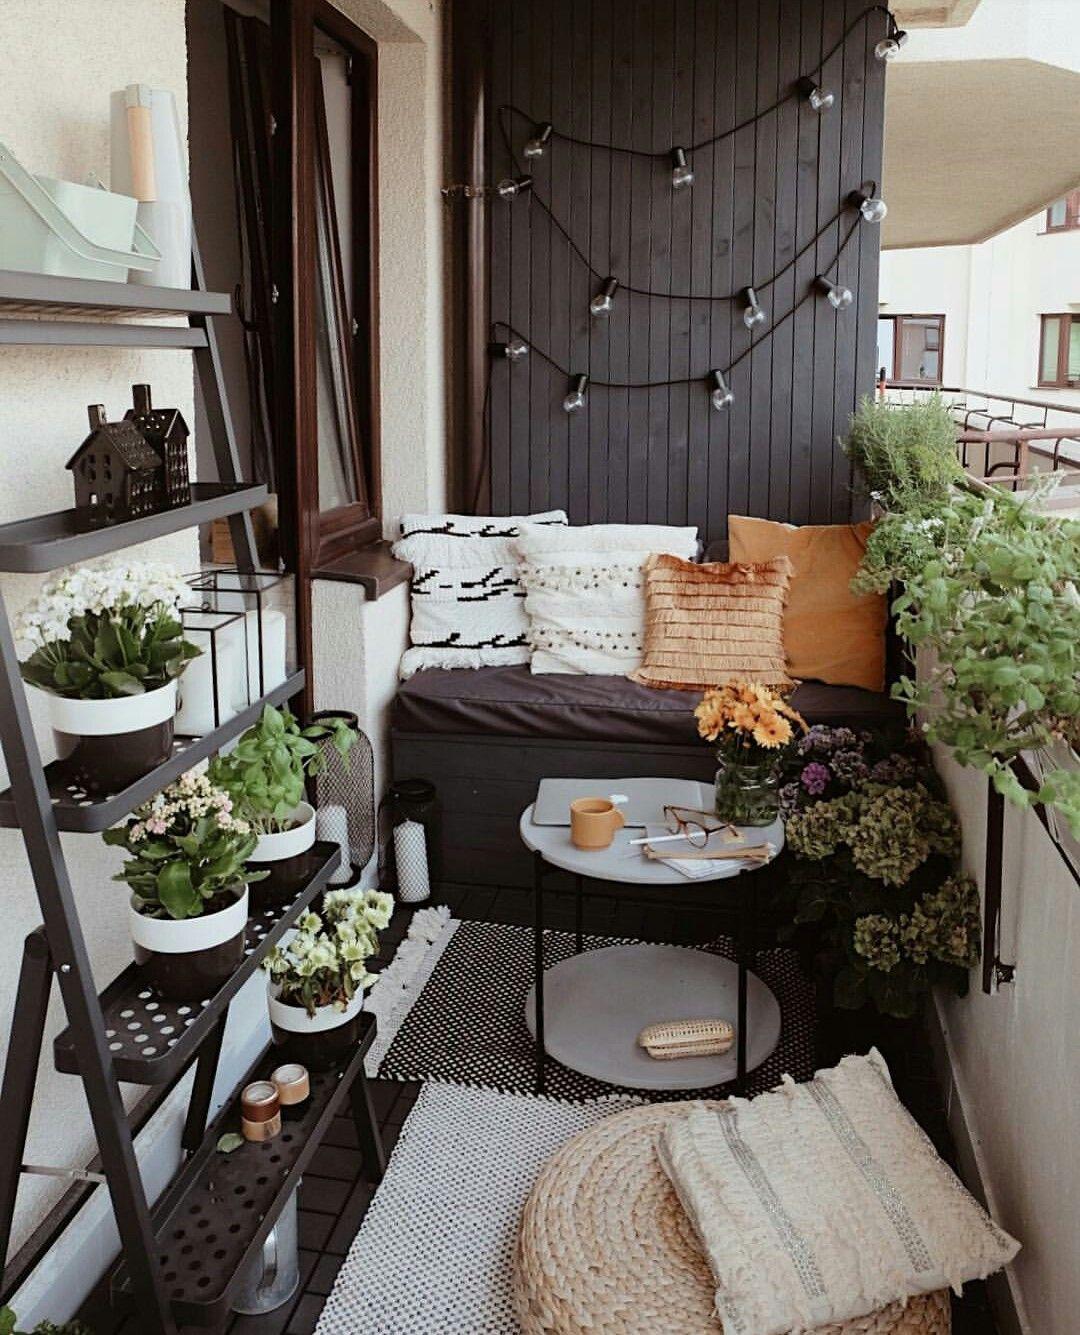 Pin by Gundega Marčenko on Balkon  Small balcony decor, Balcony